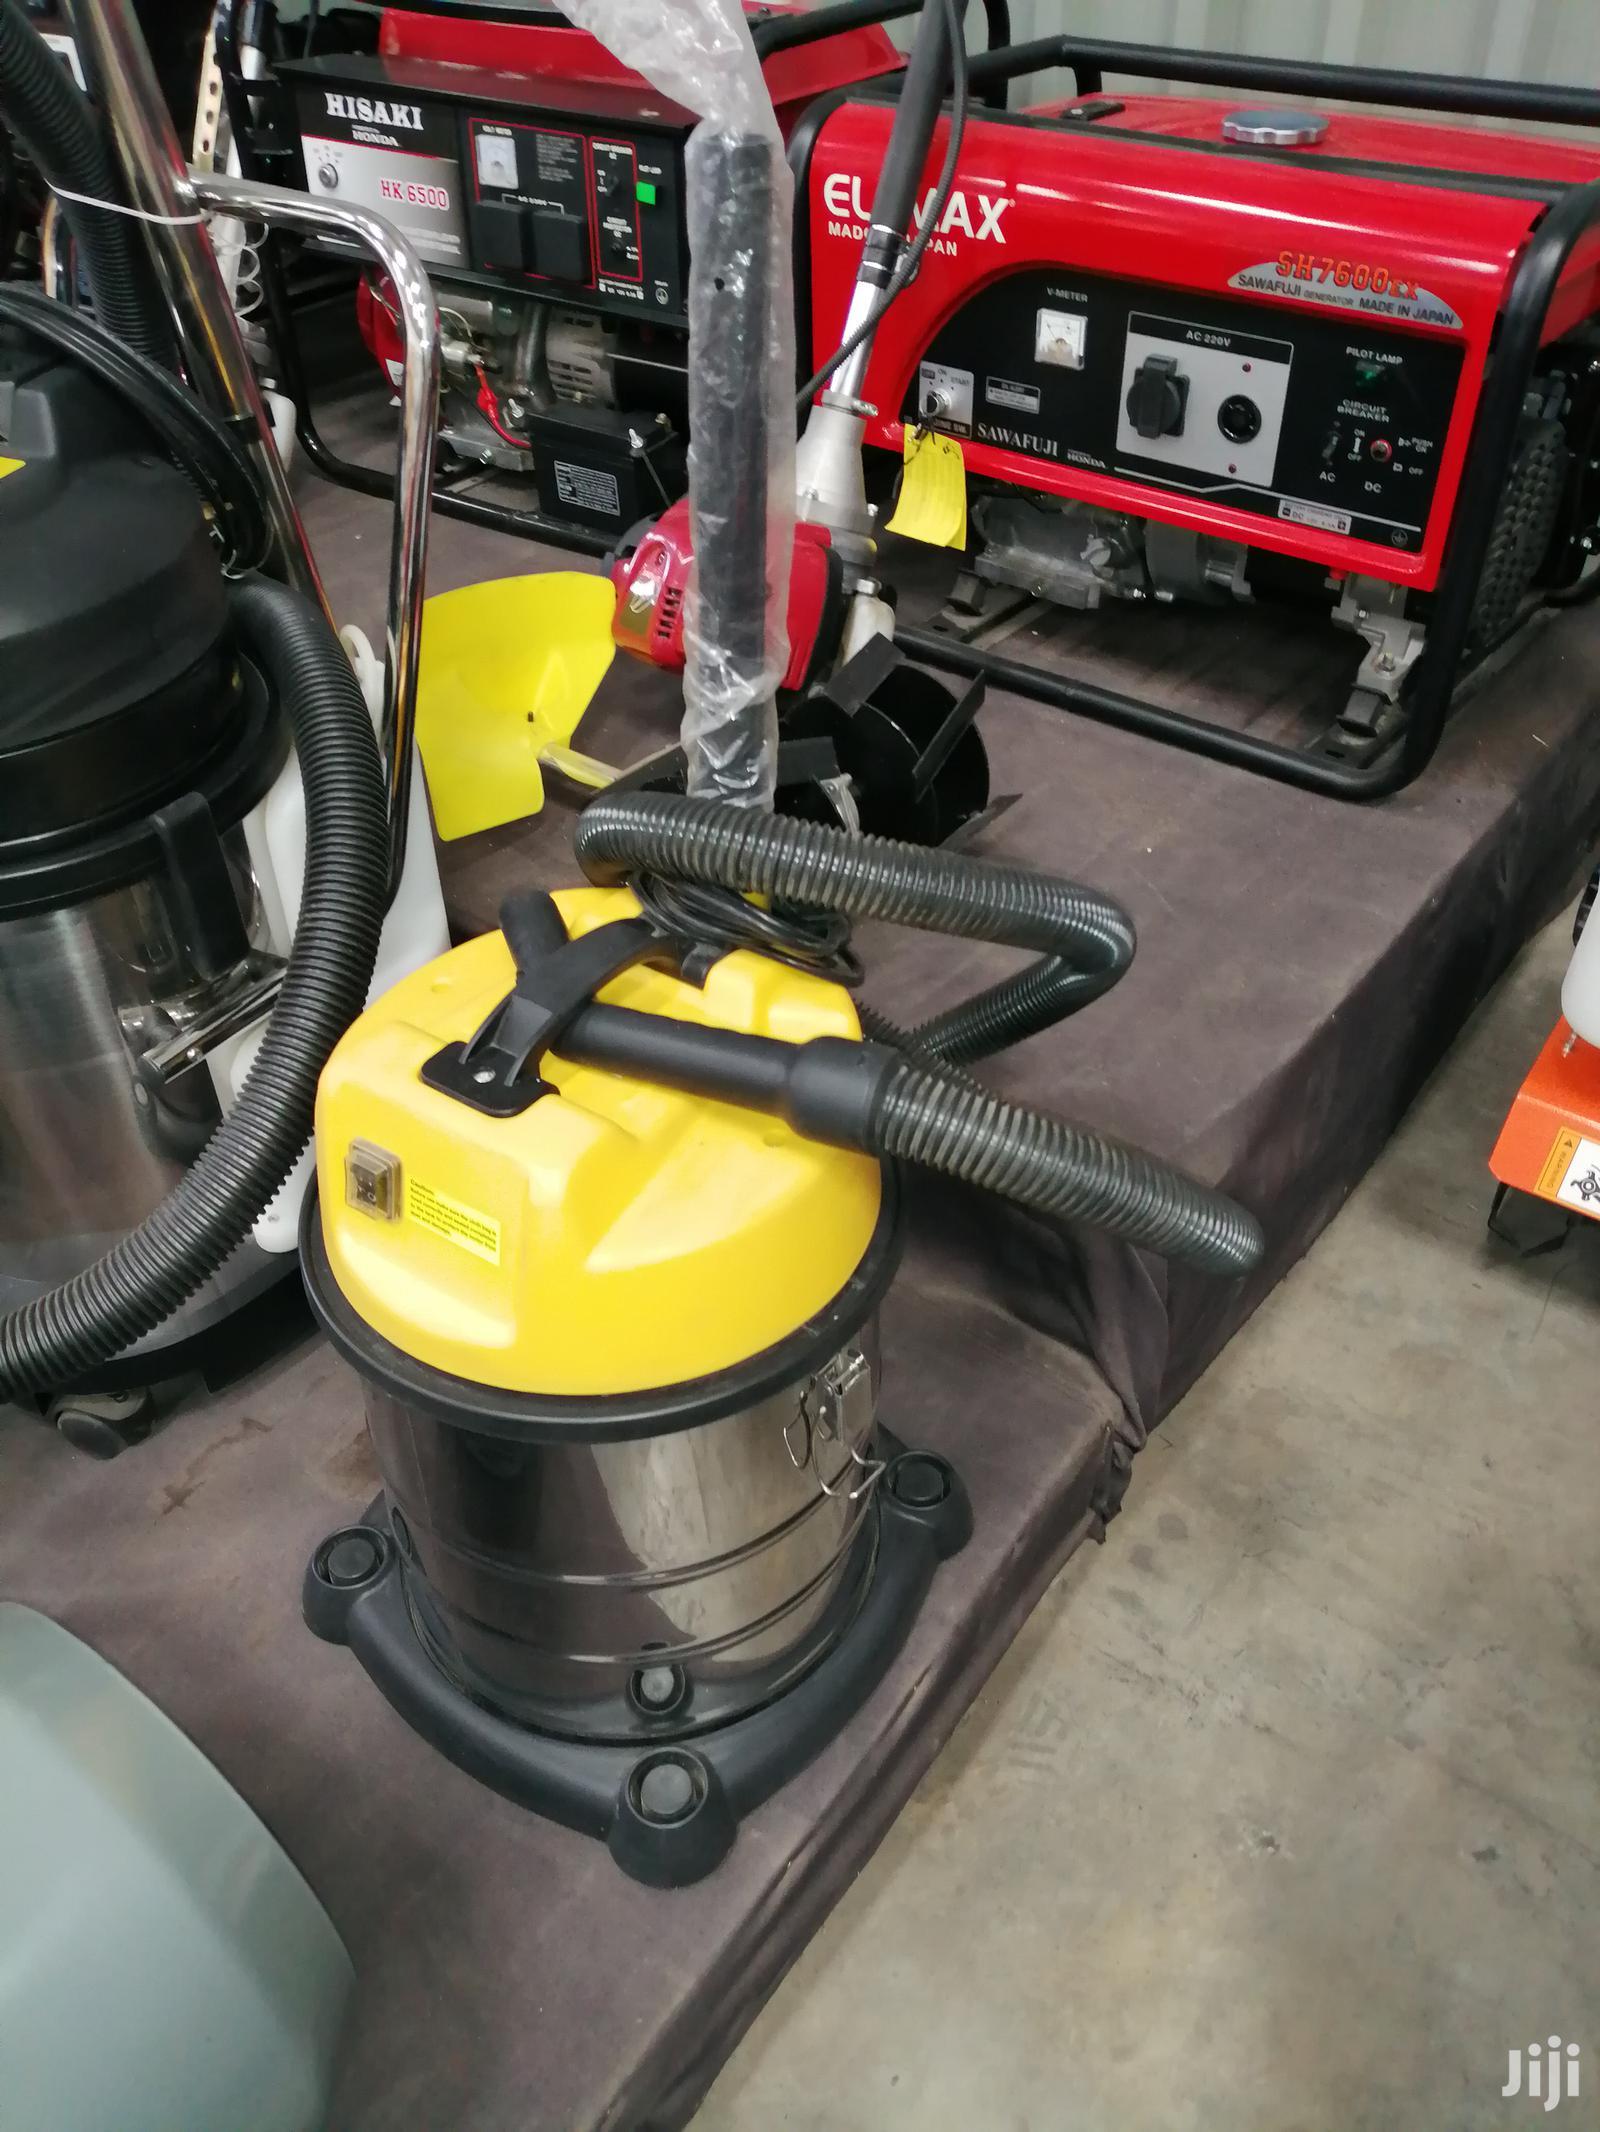 20 L Wet Dry Vacuum Cleaner